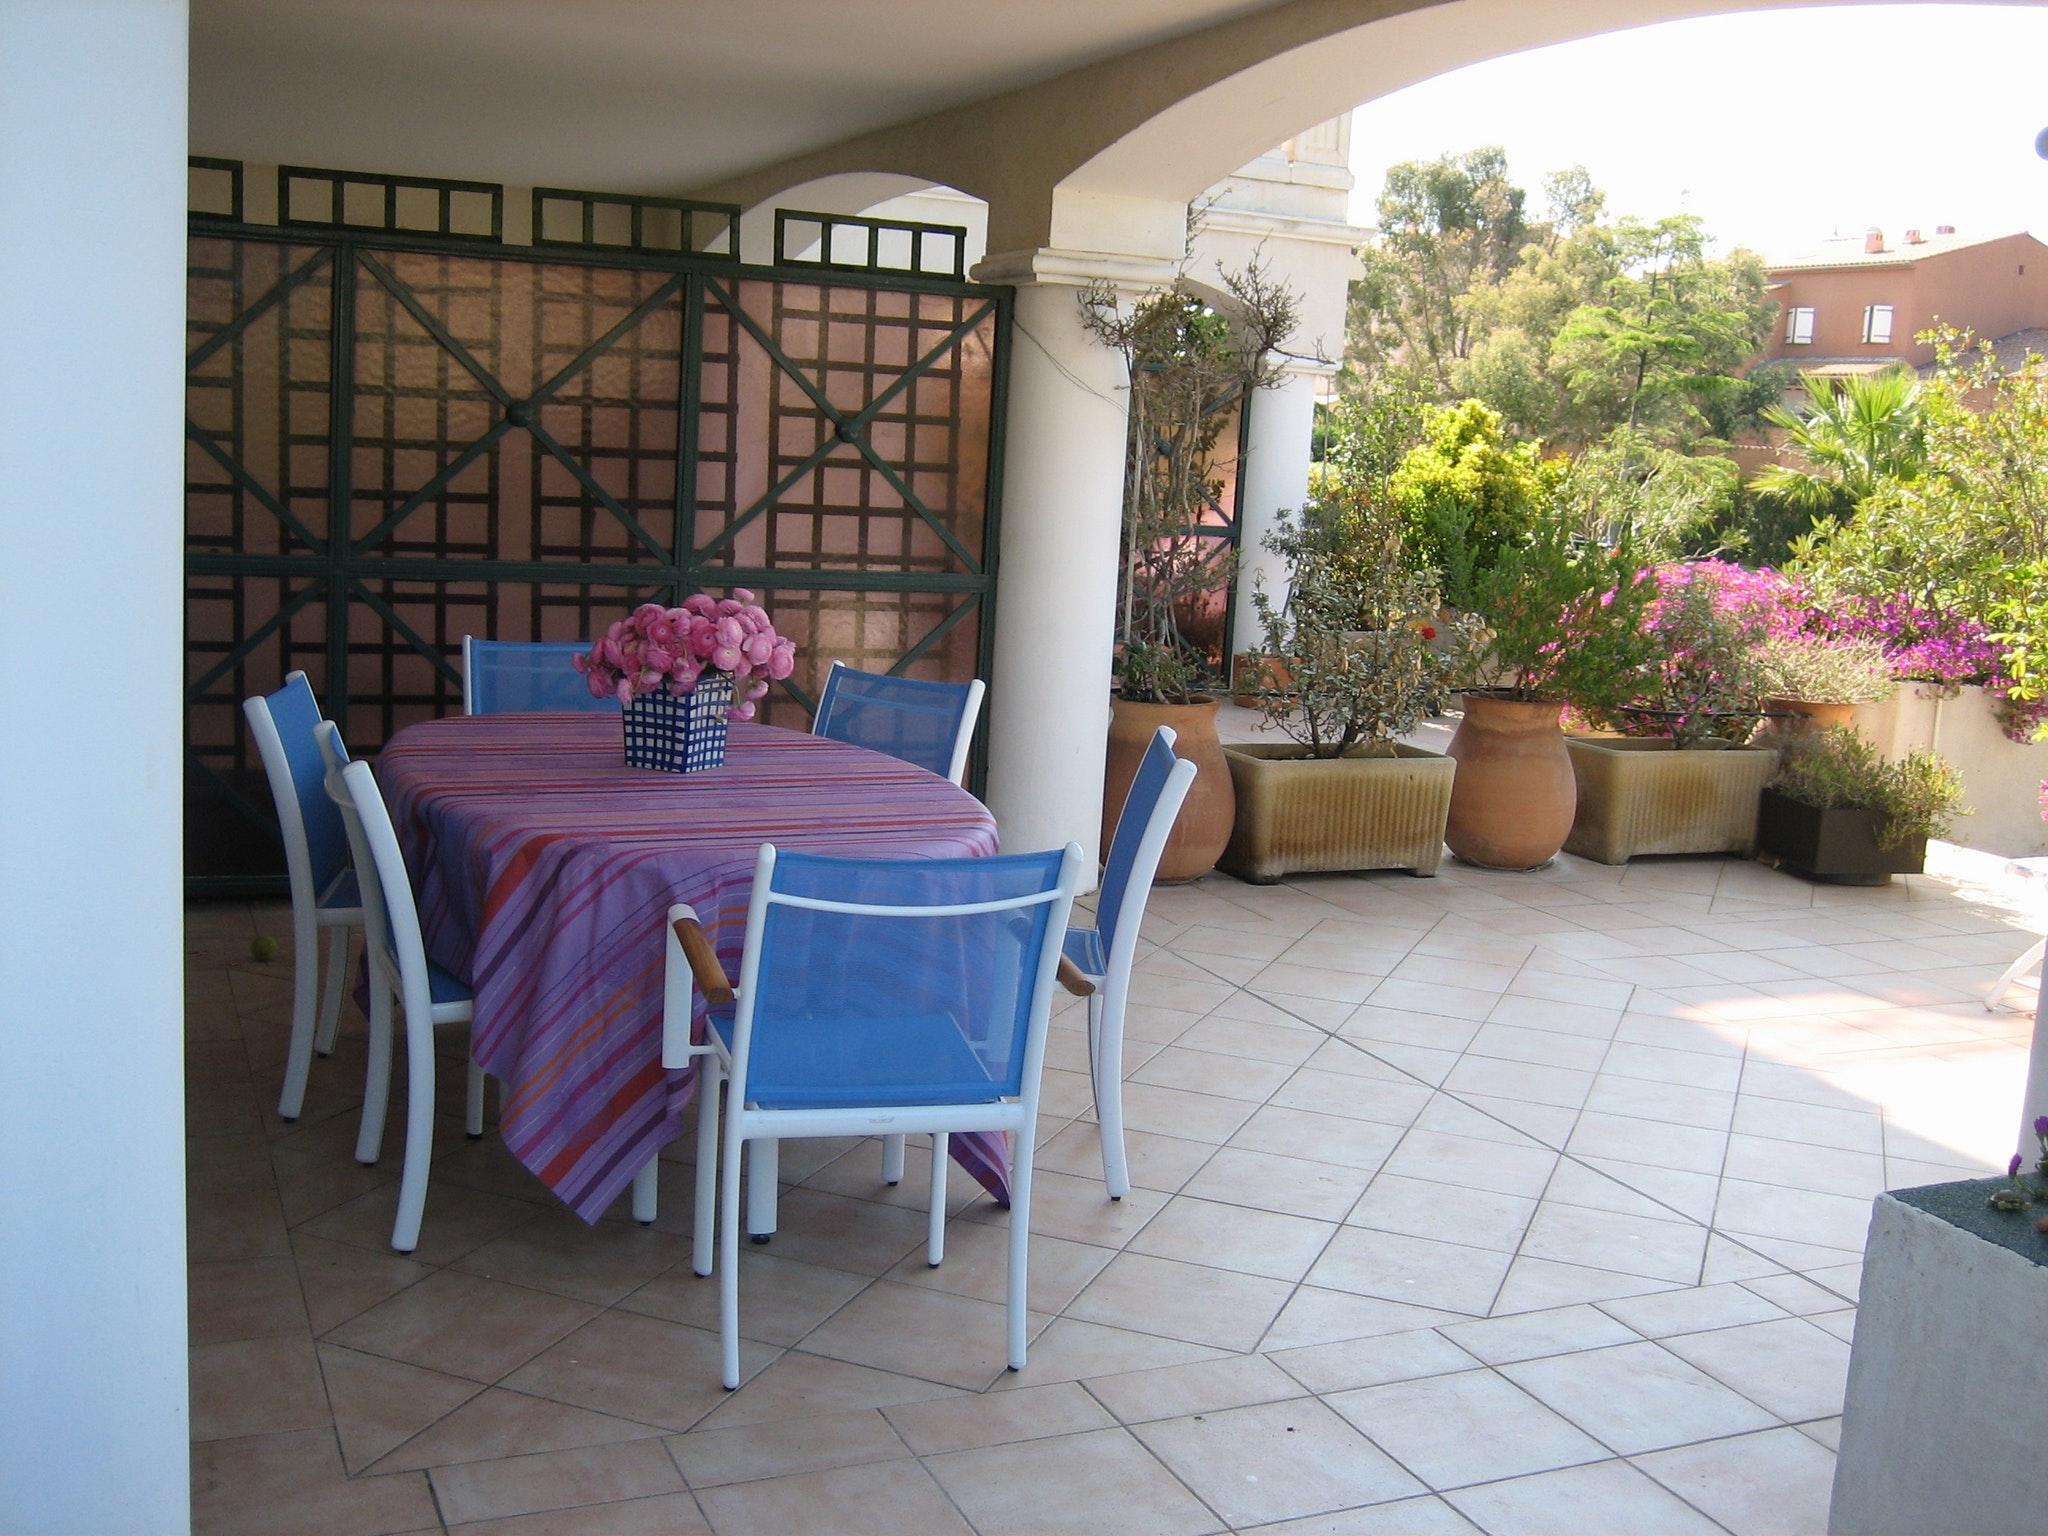 Appartement de vacances Wohnung mit einem Schlafzimmer in Carqueiranne mit Pool, eingezäuntem Garten und W-LAN - 7 (2231381), Carqueiranne, Côte d'Azur, Provence - Alpes - Côte d'Azur, France, image 7